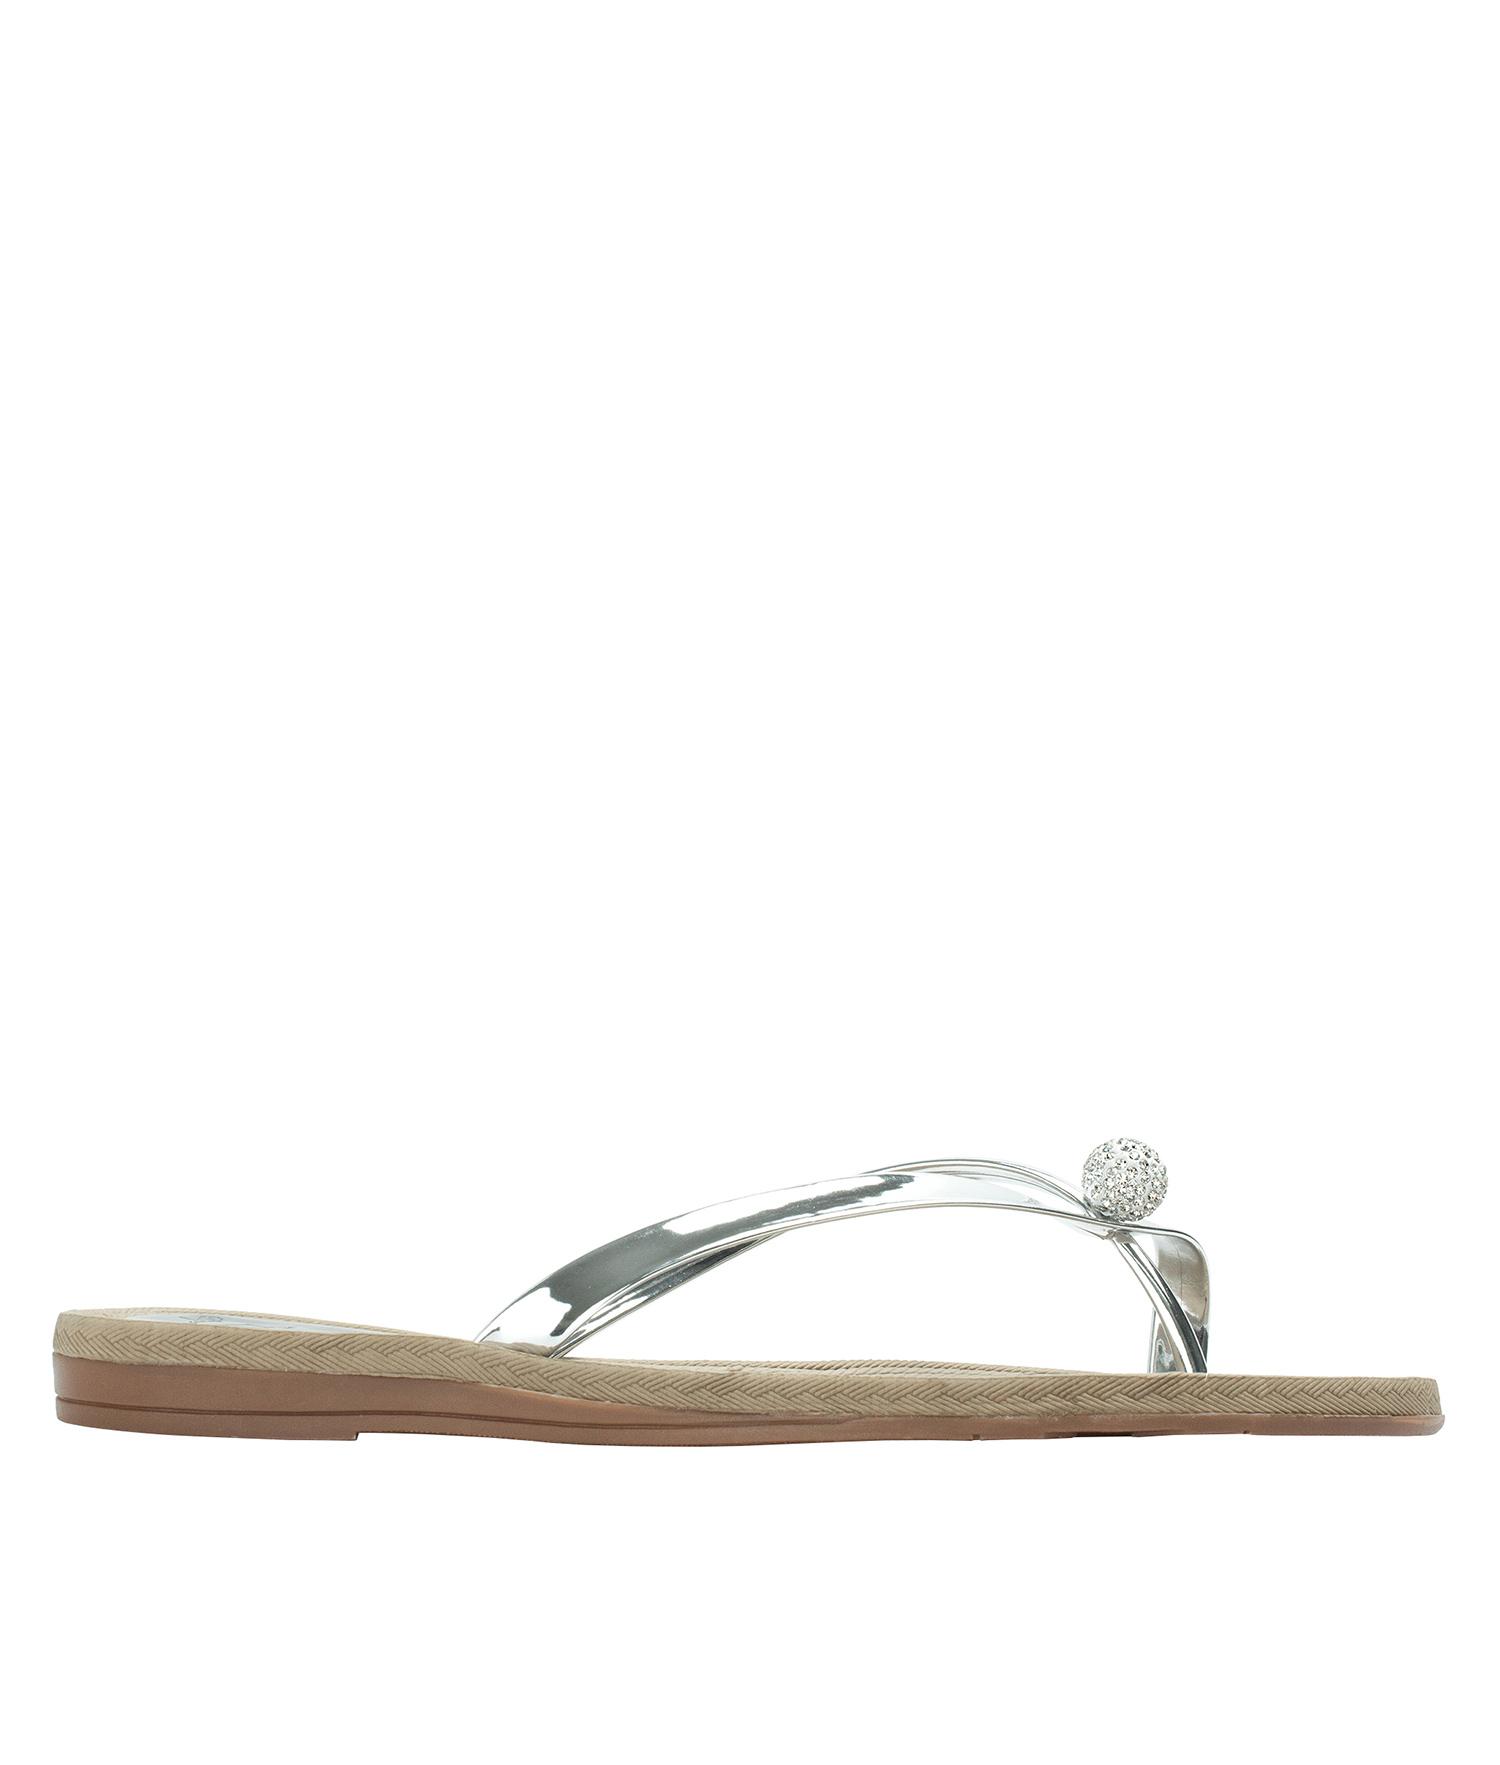 ef52e50cc AnnaKastle Womens Twinkle Toe Ring Flip Flops Silver